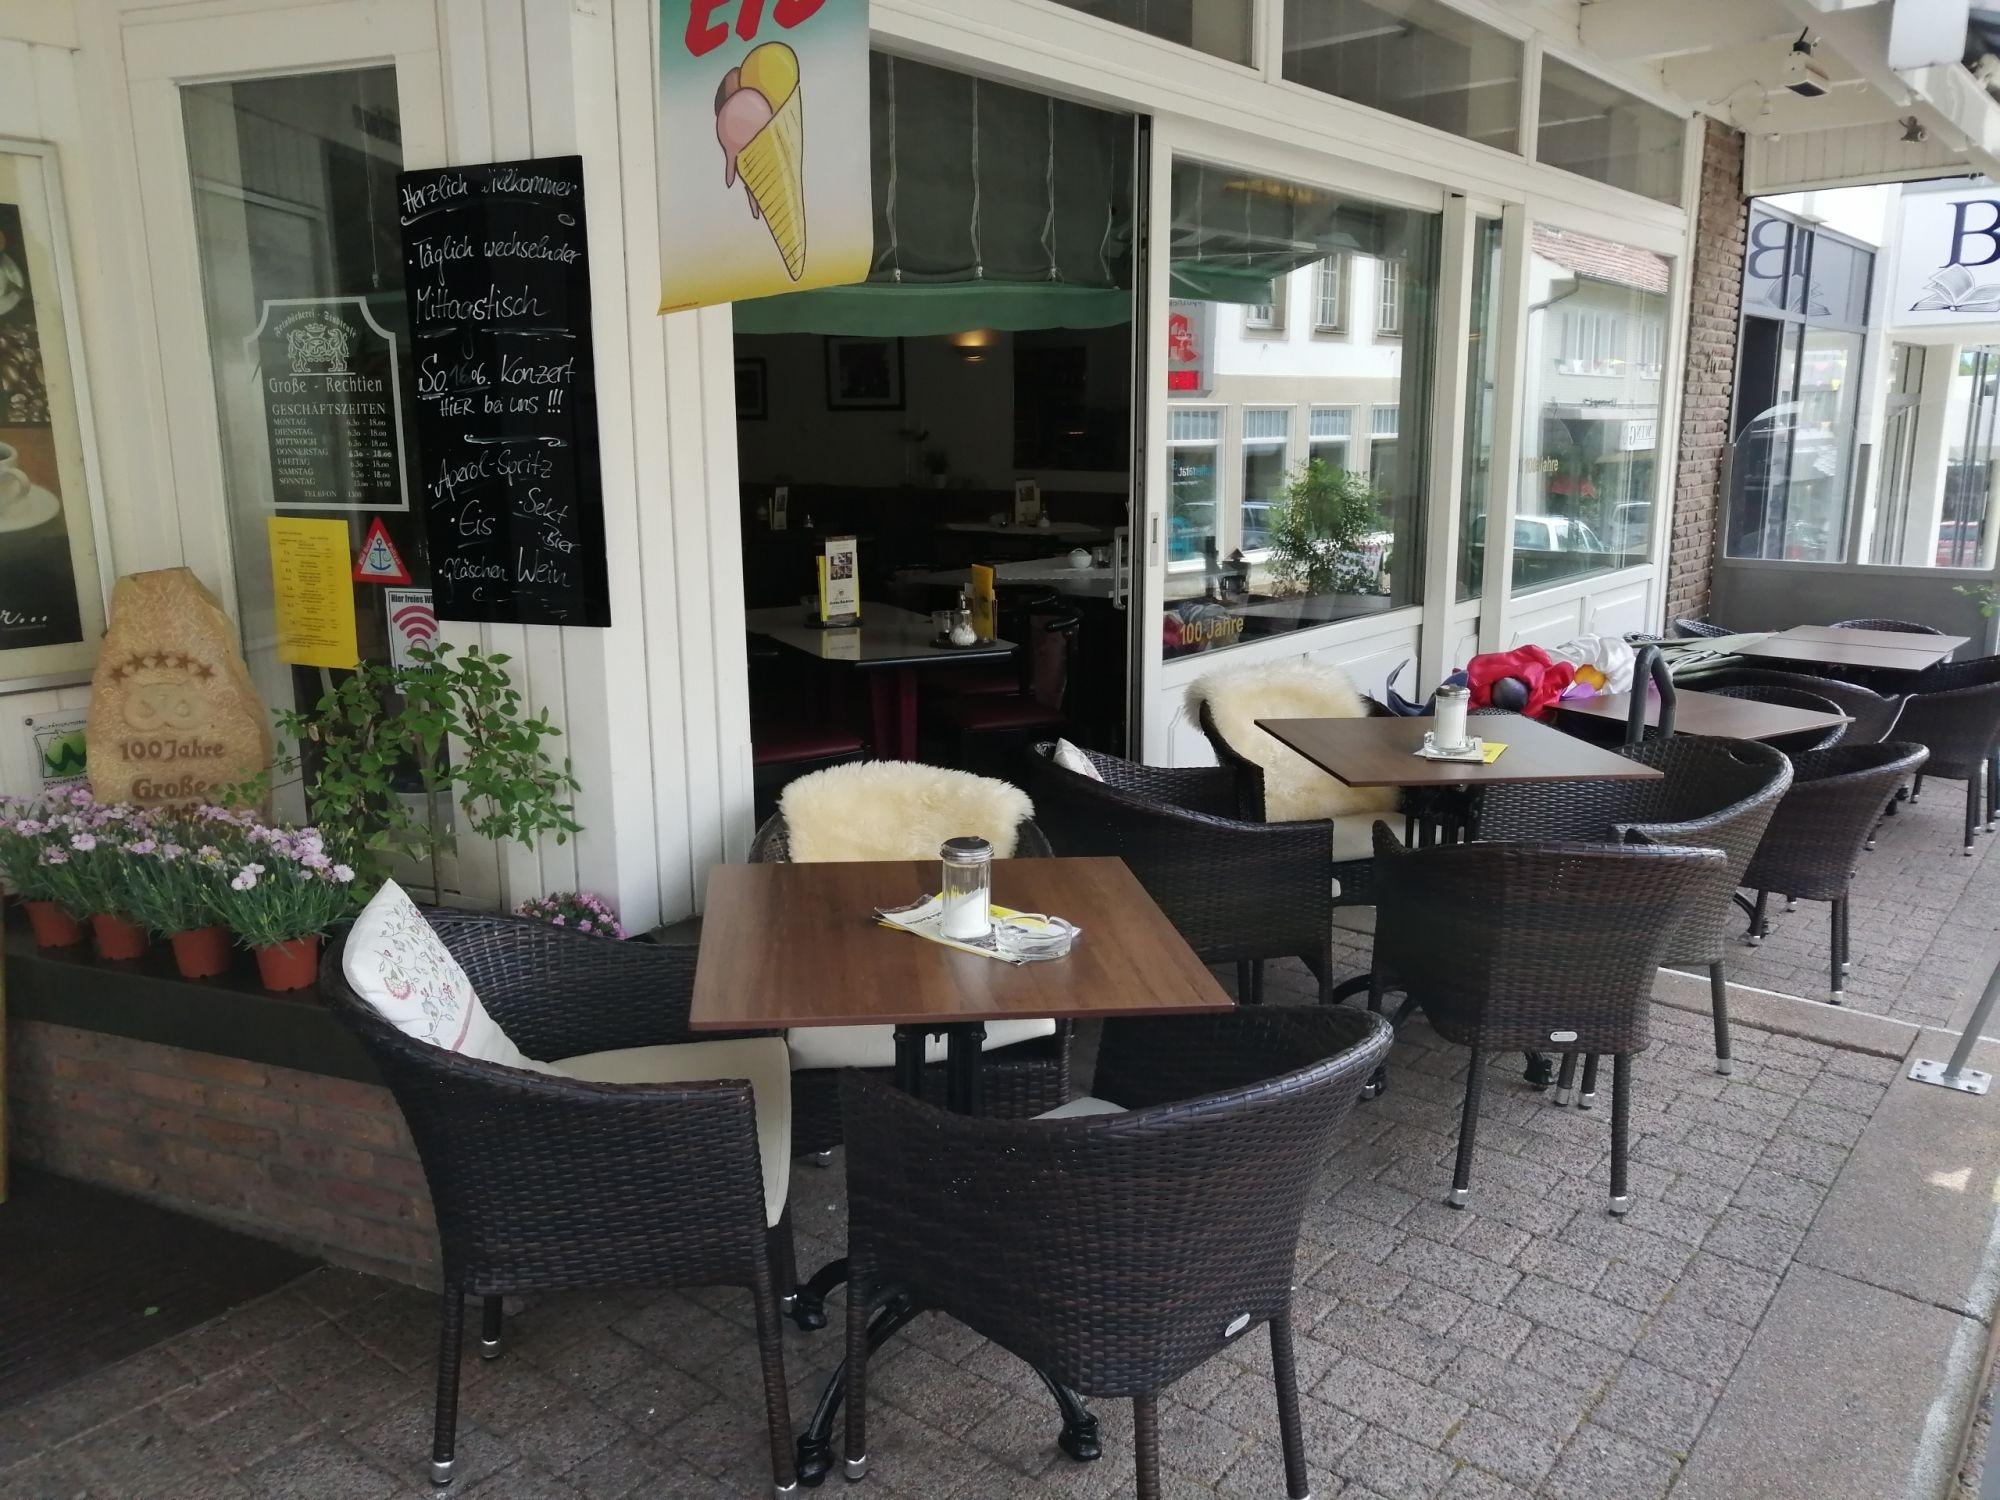 Terrasse ,Cafe Große-Rechtien in Bad Iburg